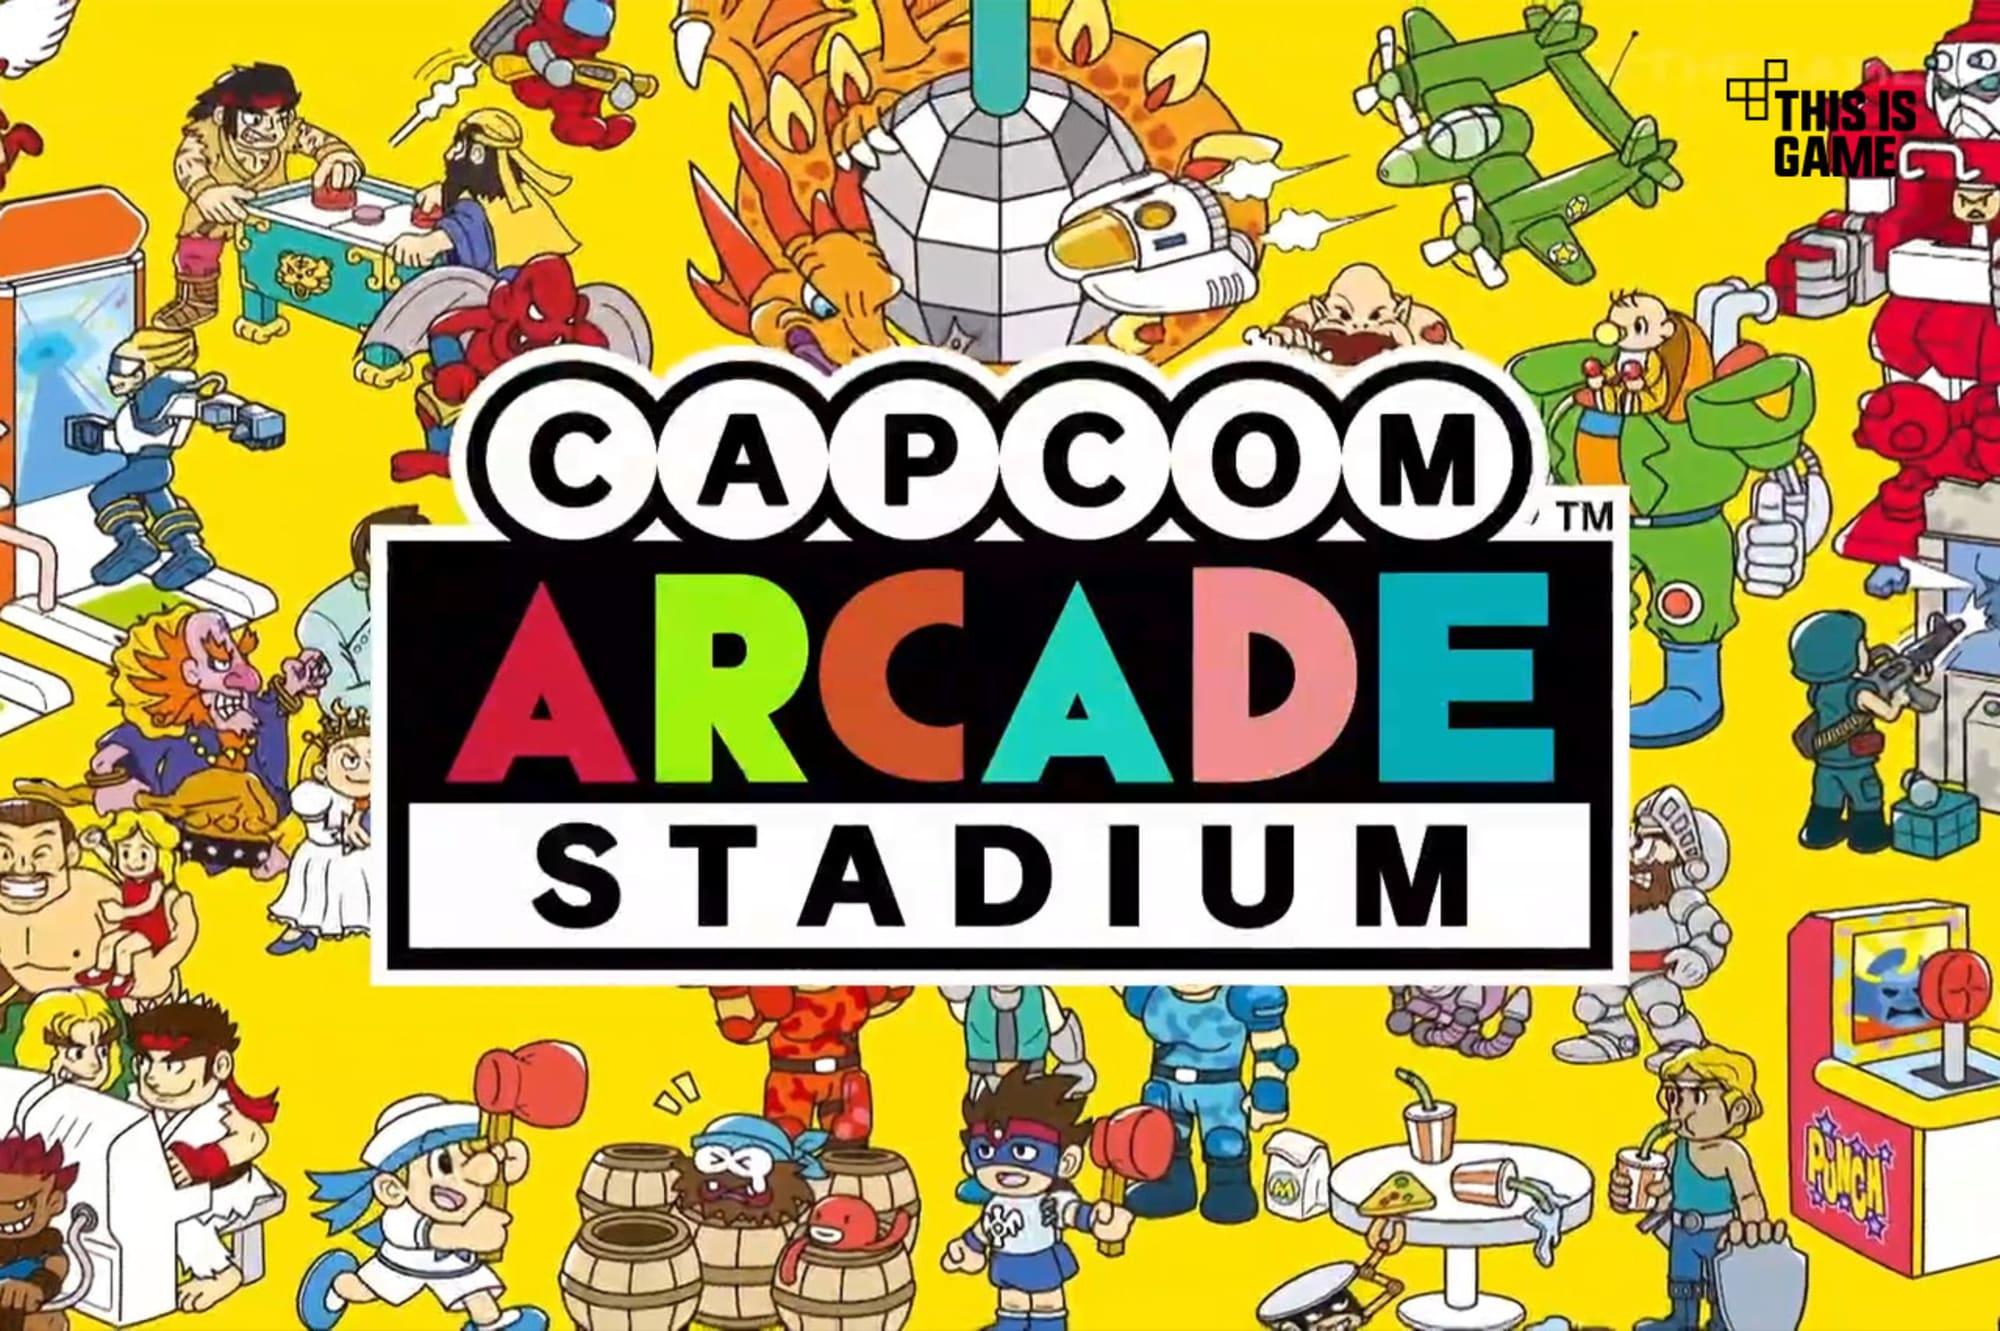 Capcom Arcade Stadium review: Worth every token